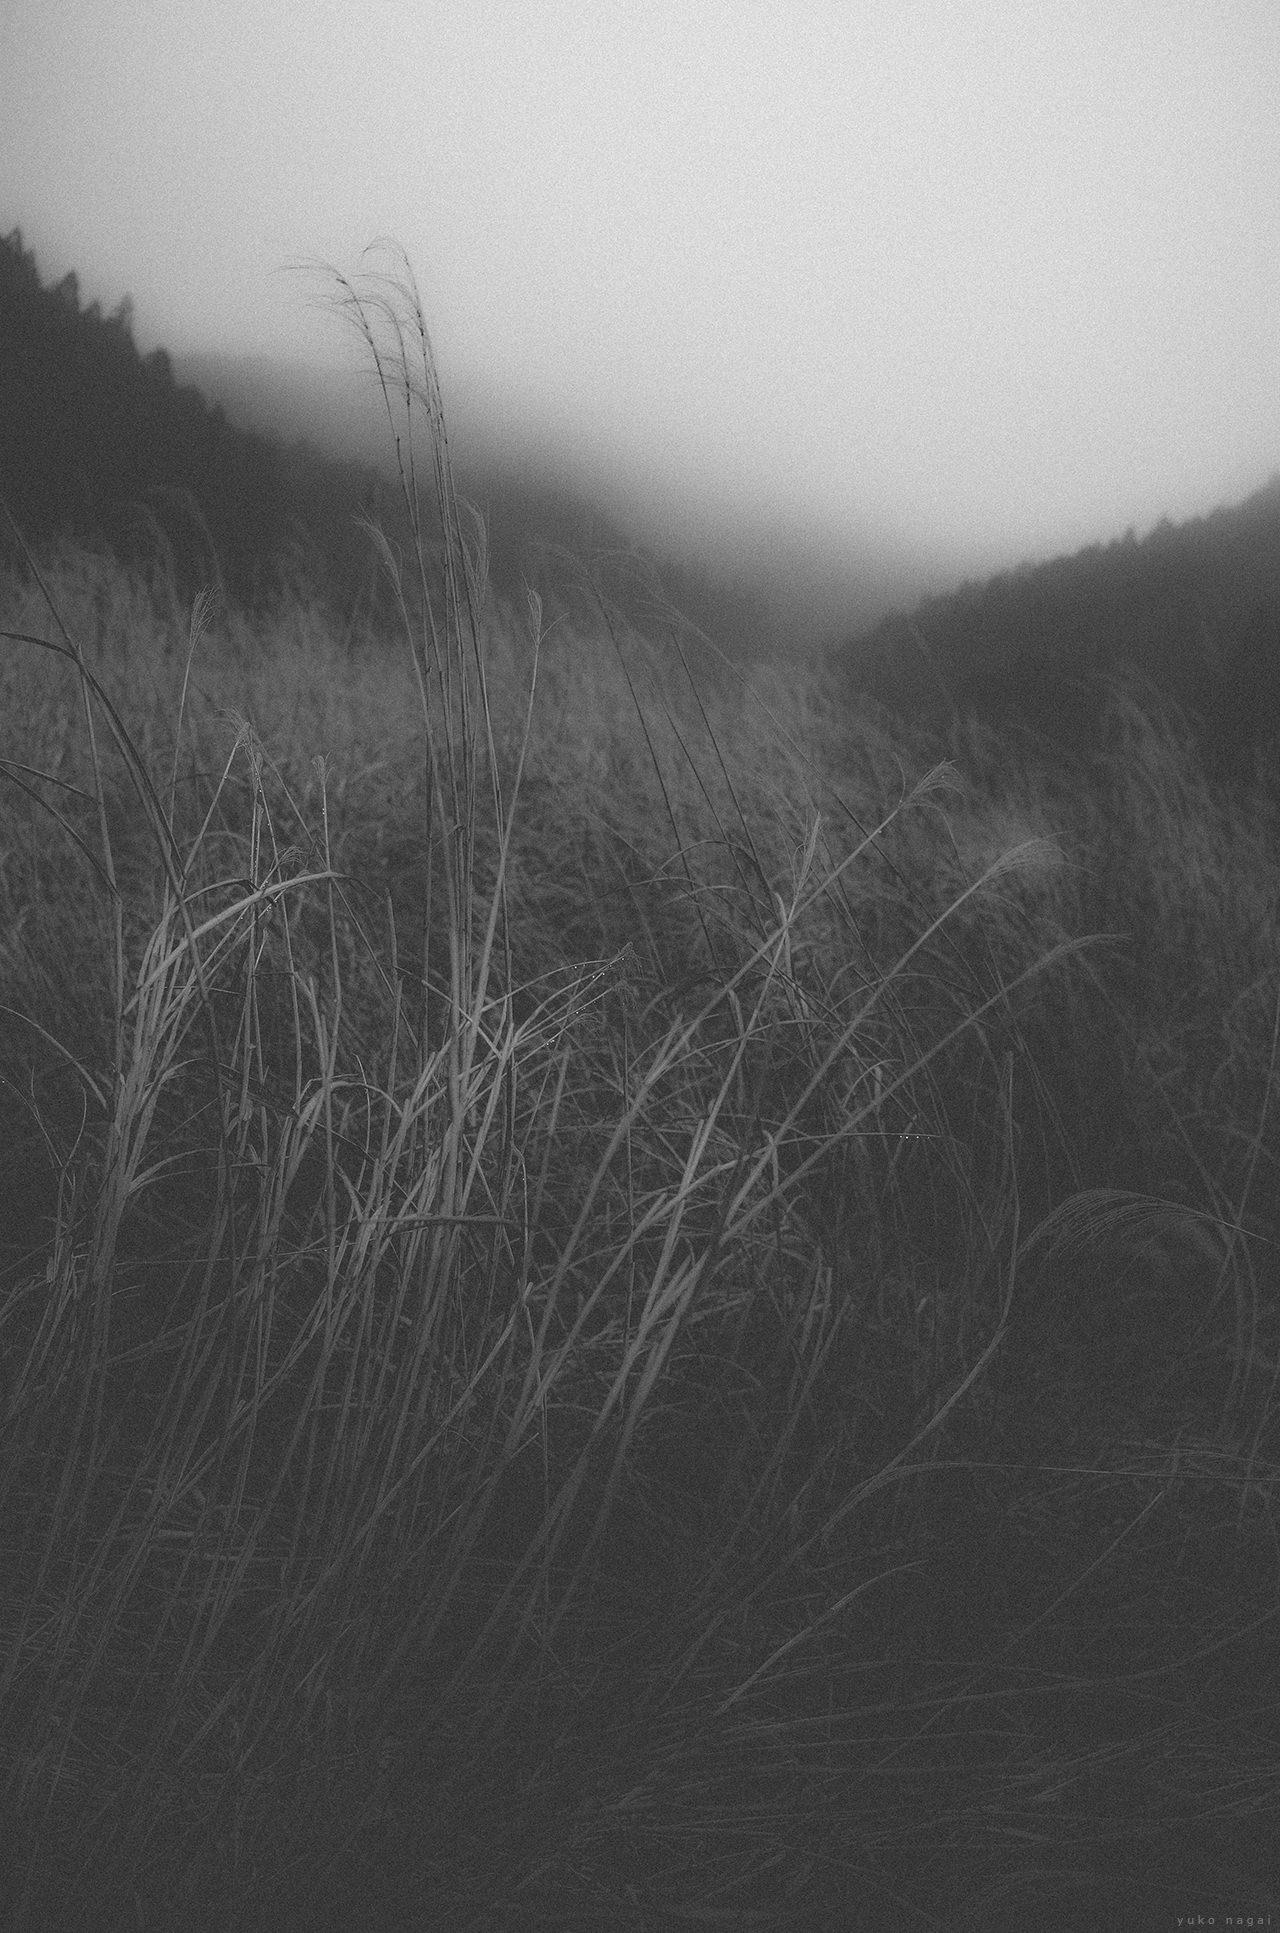 Grassy field.